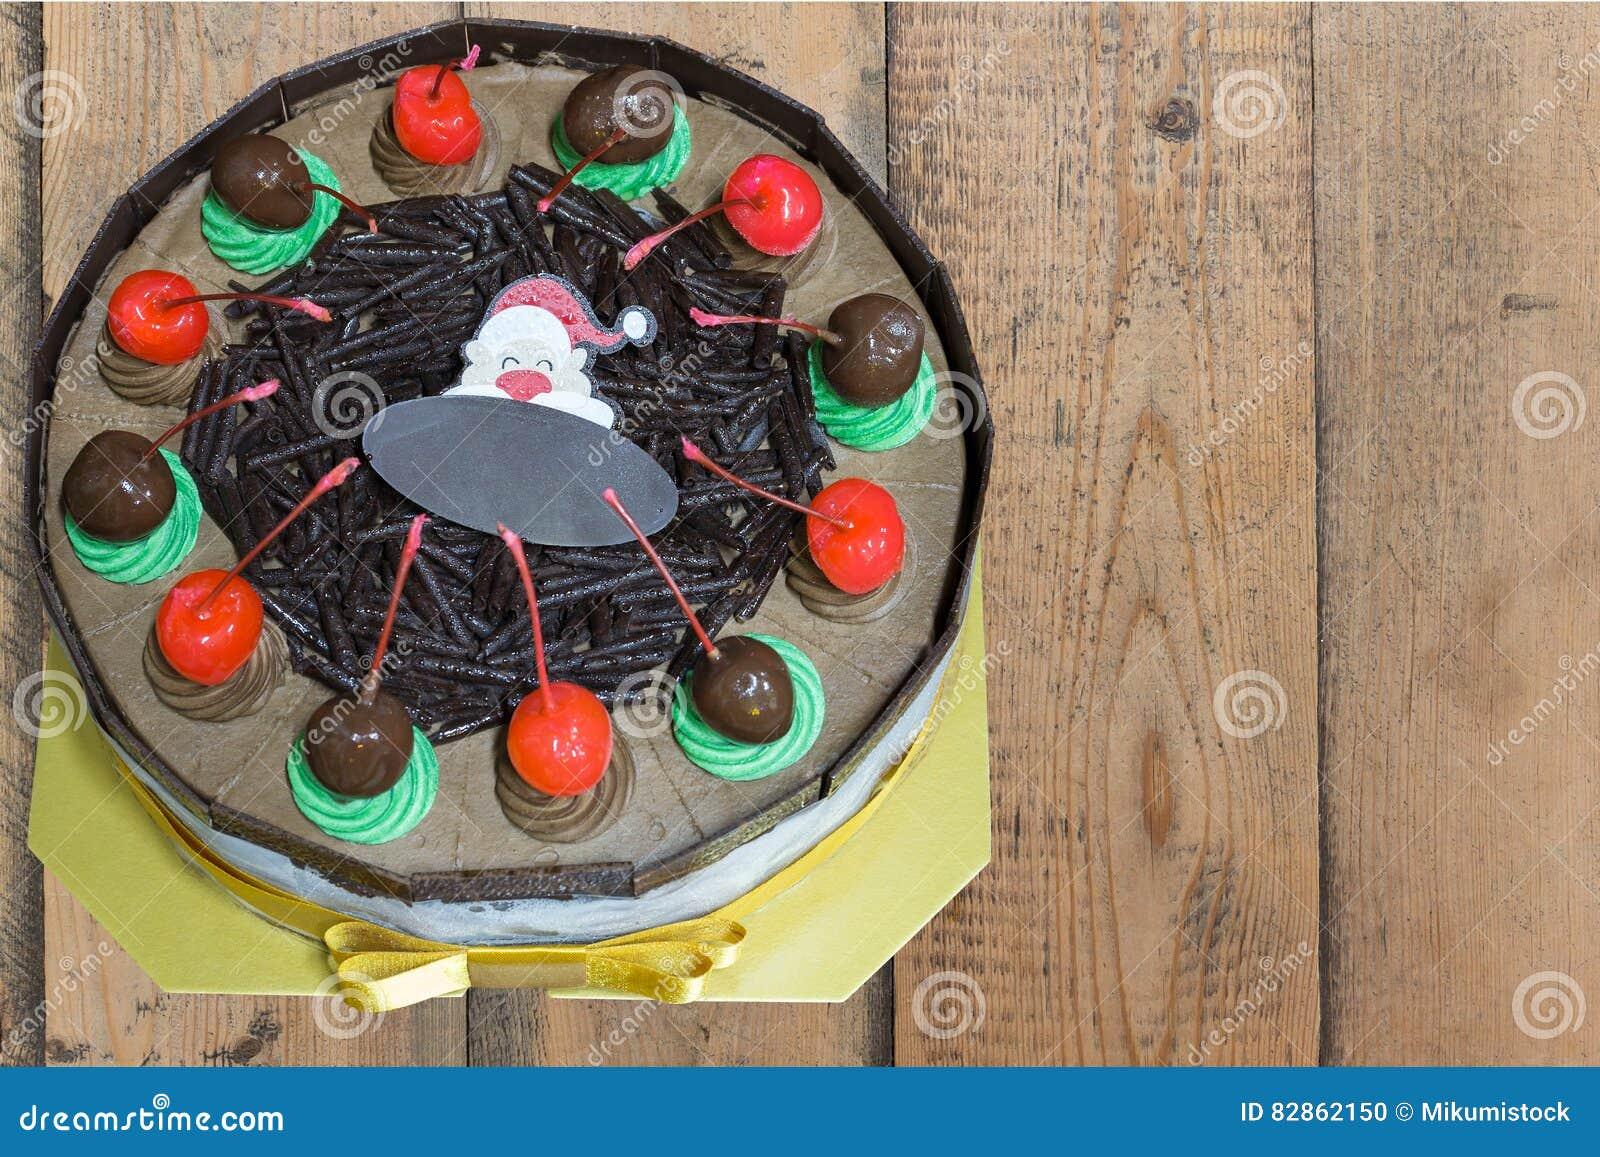 Chocolate Cake With Merry Christmas Xmas Style Stock Photo Image